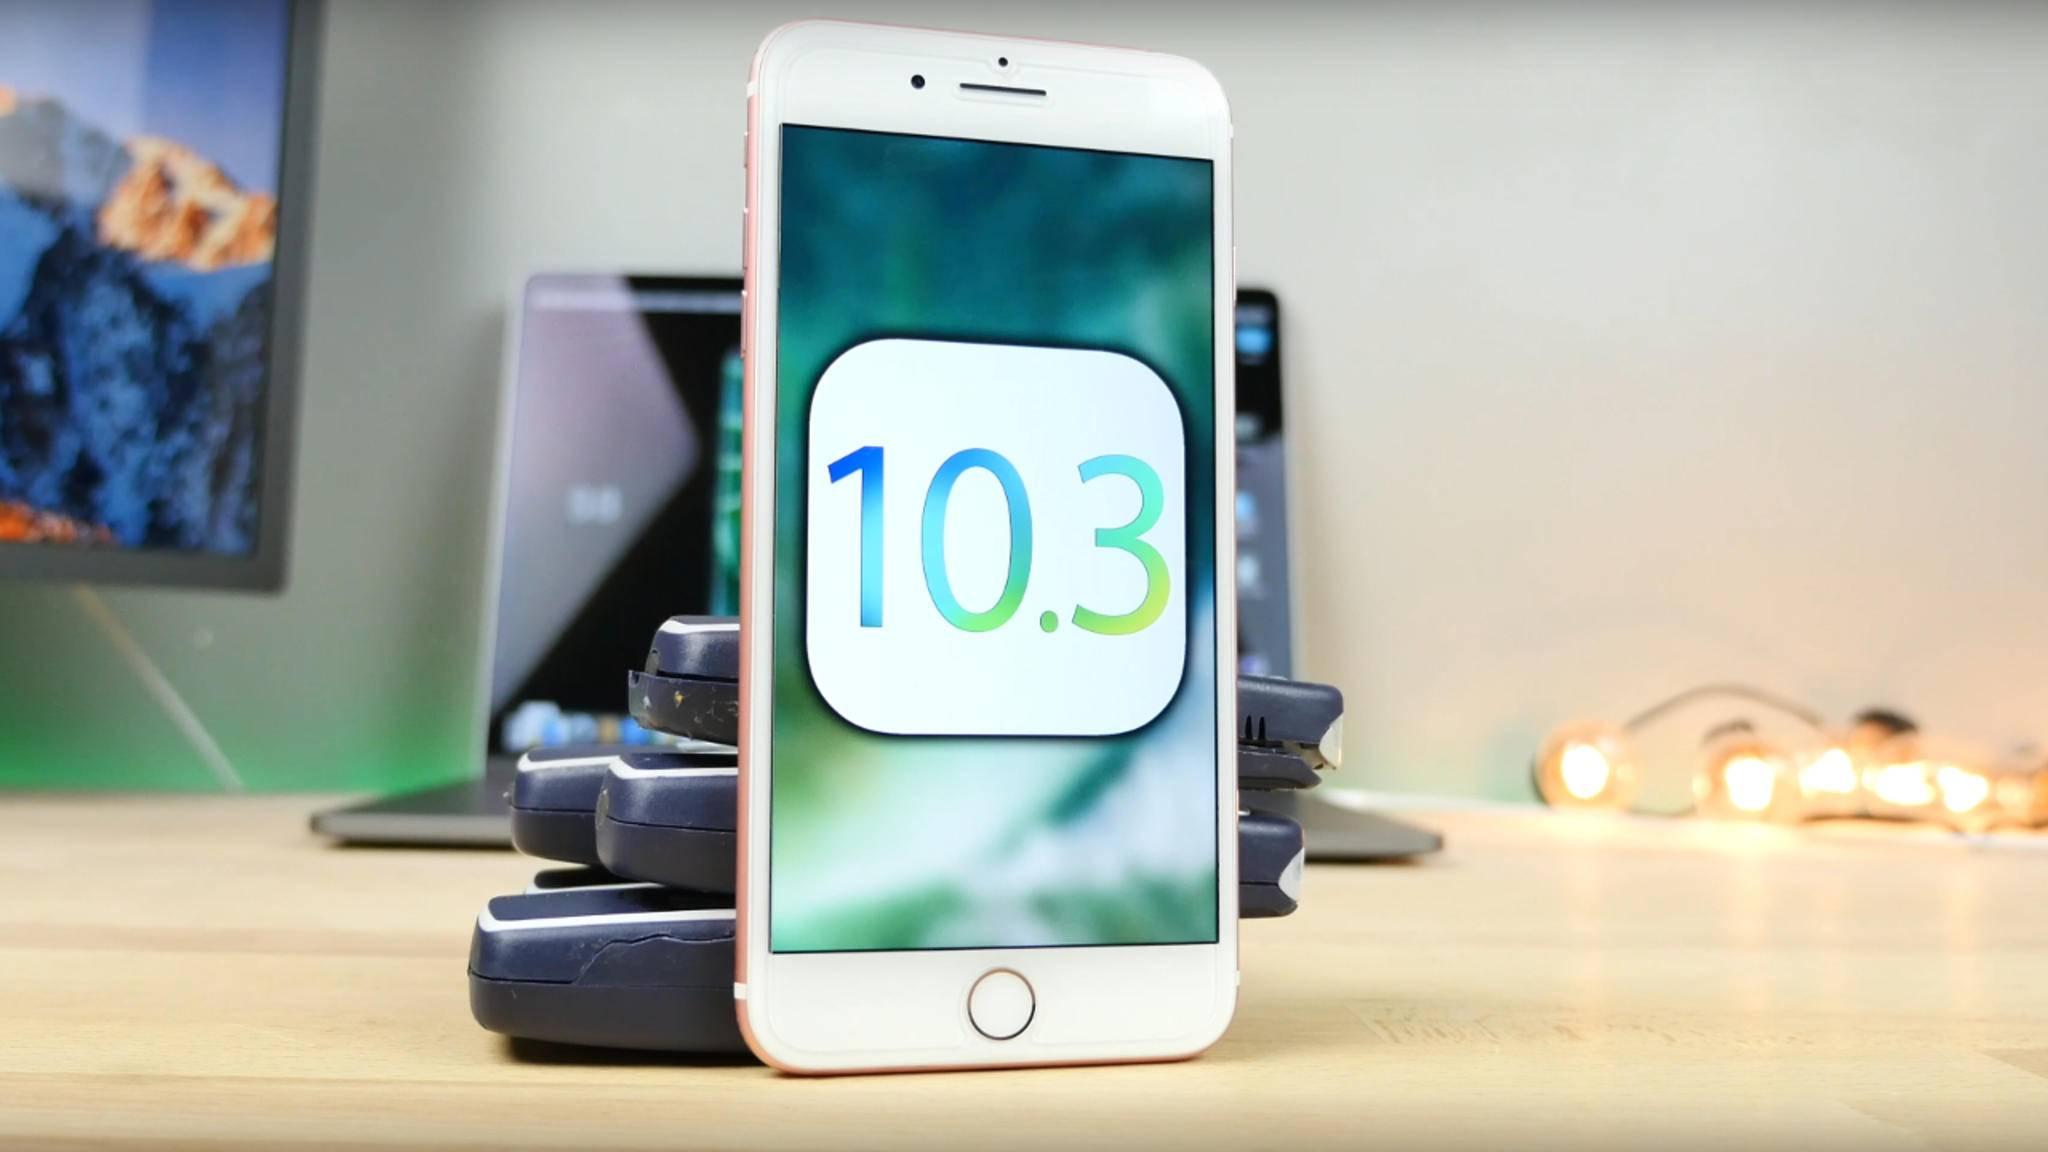 Mit iOS 10.3 wird auch das neue Dateisystem APFS eingeführt.